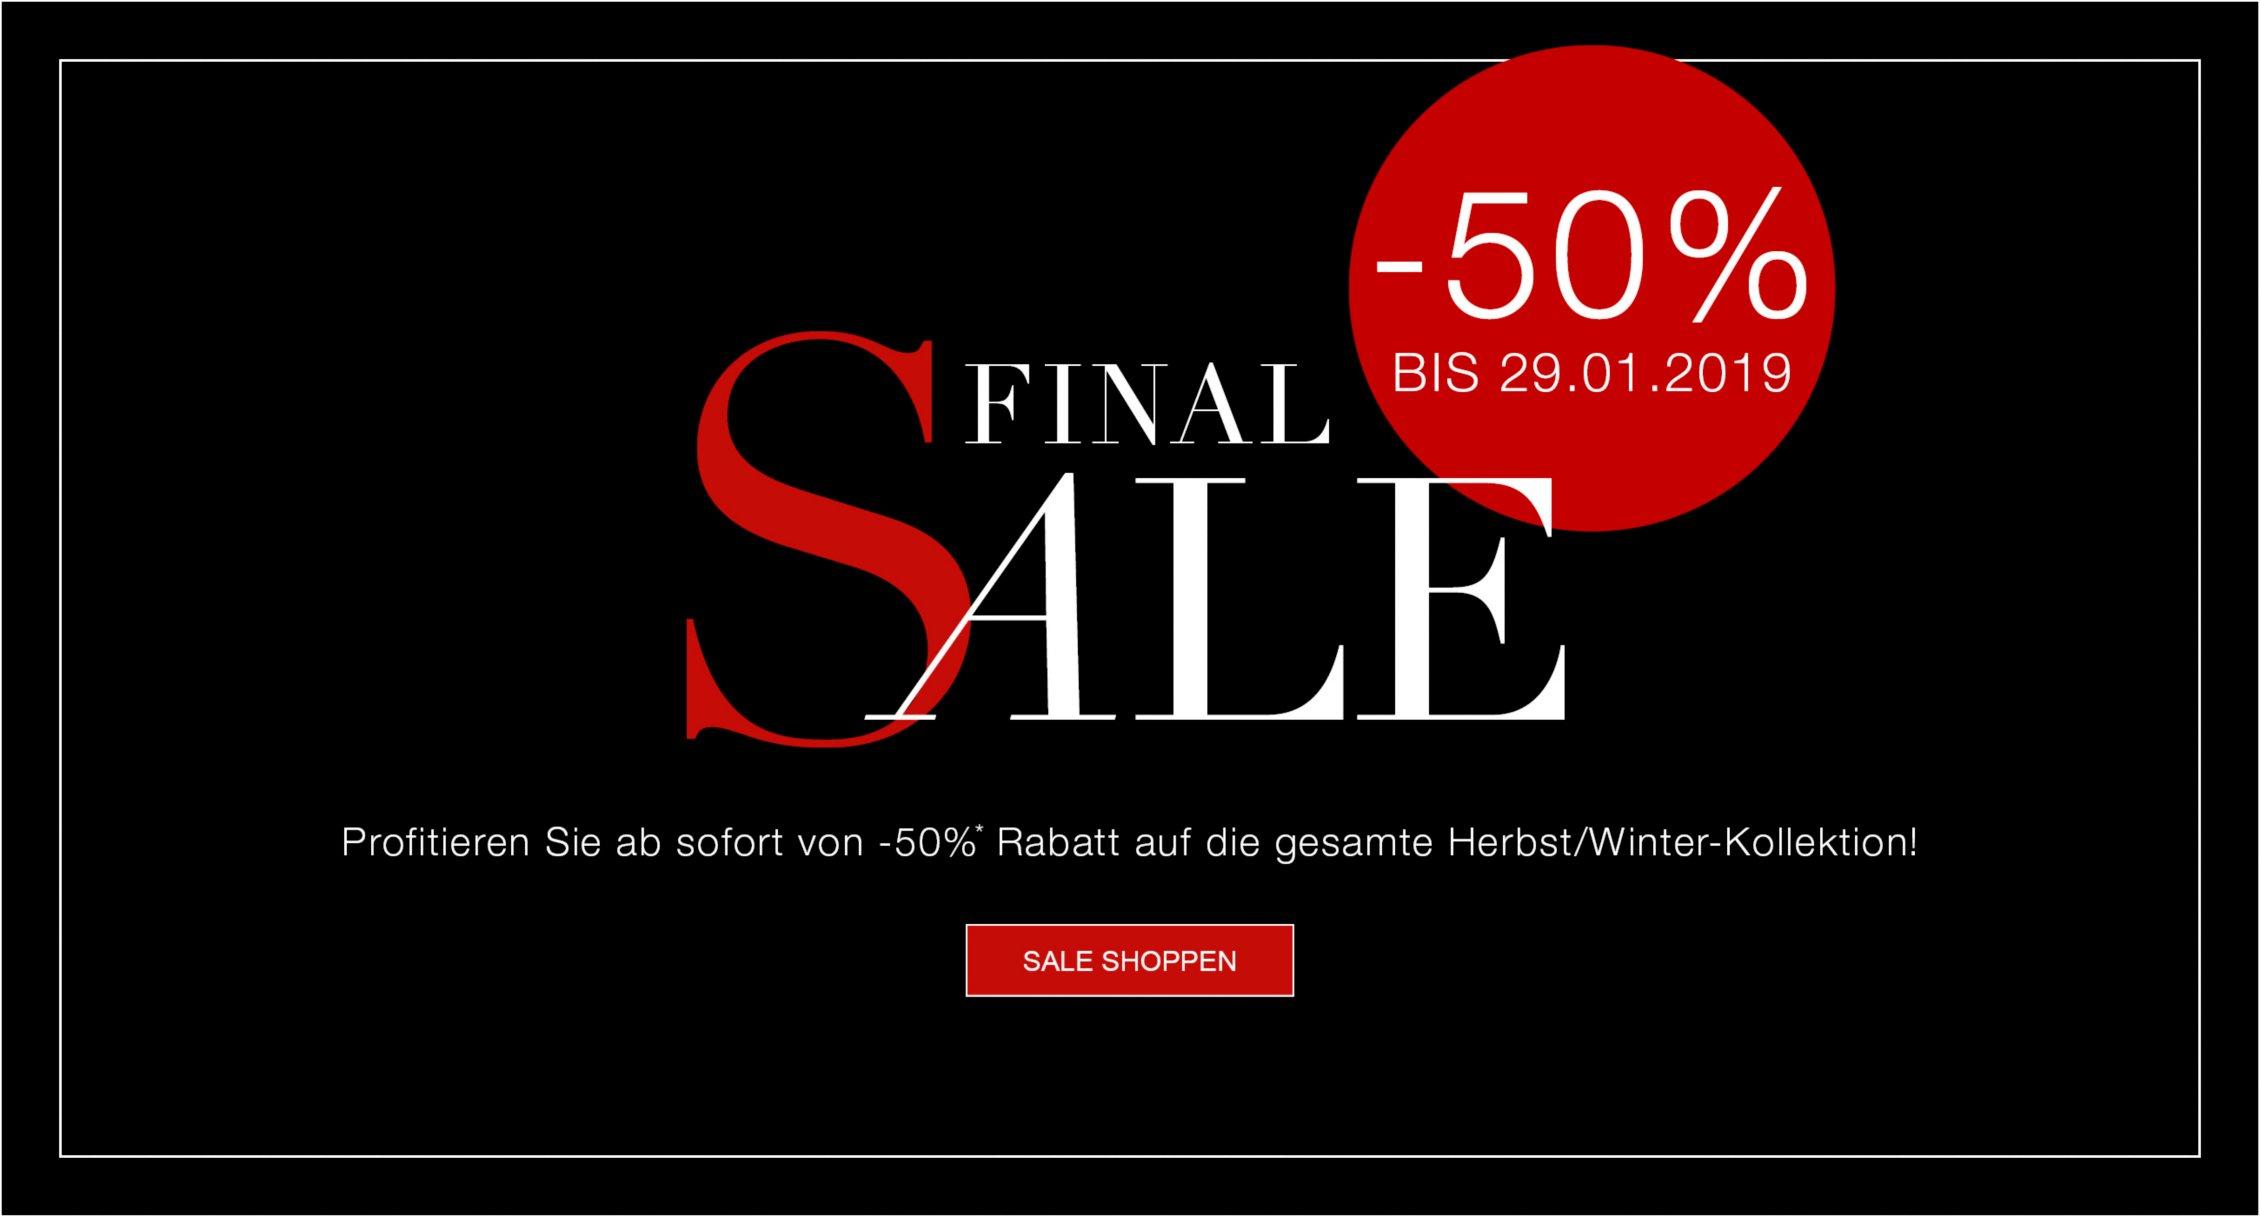 -50% auf die gesamte Herbst/Winter-Kollektion